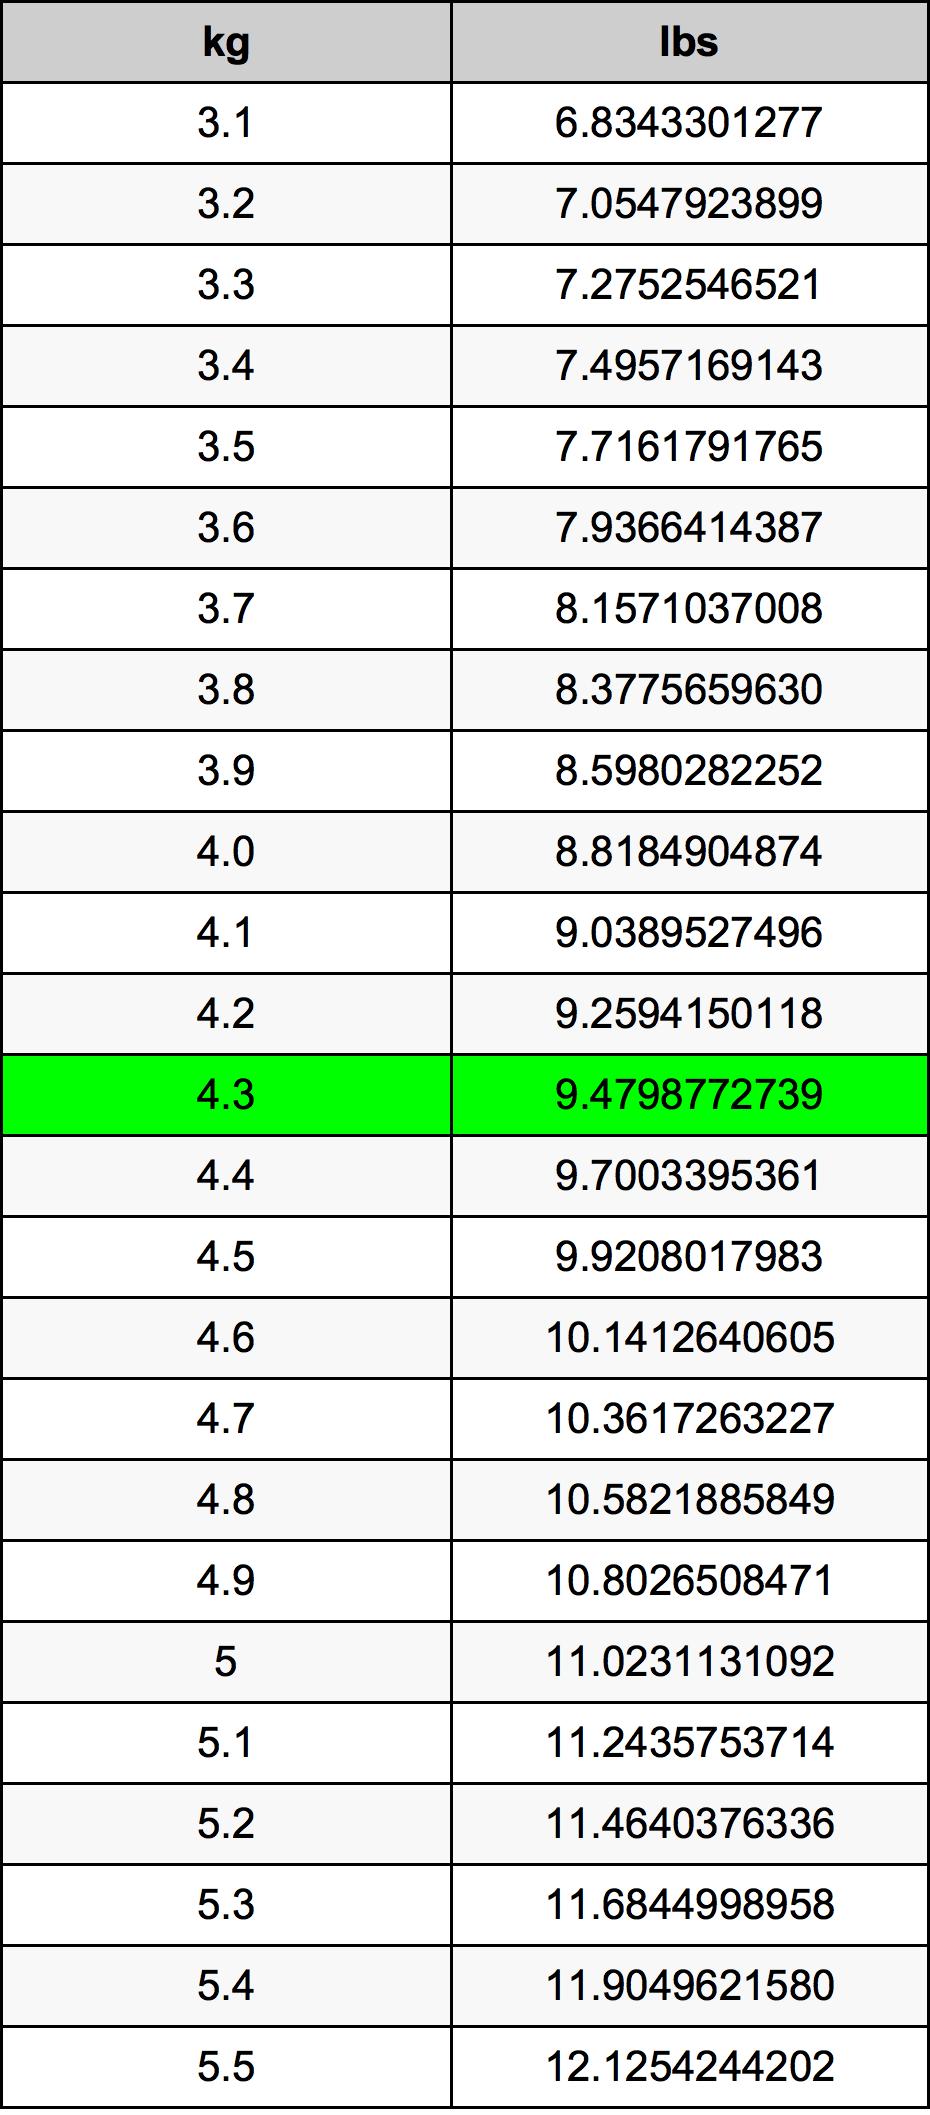 4.3 Kilogram Tablica konverzije